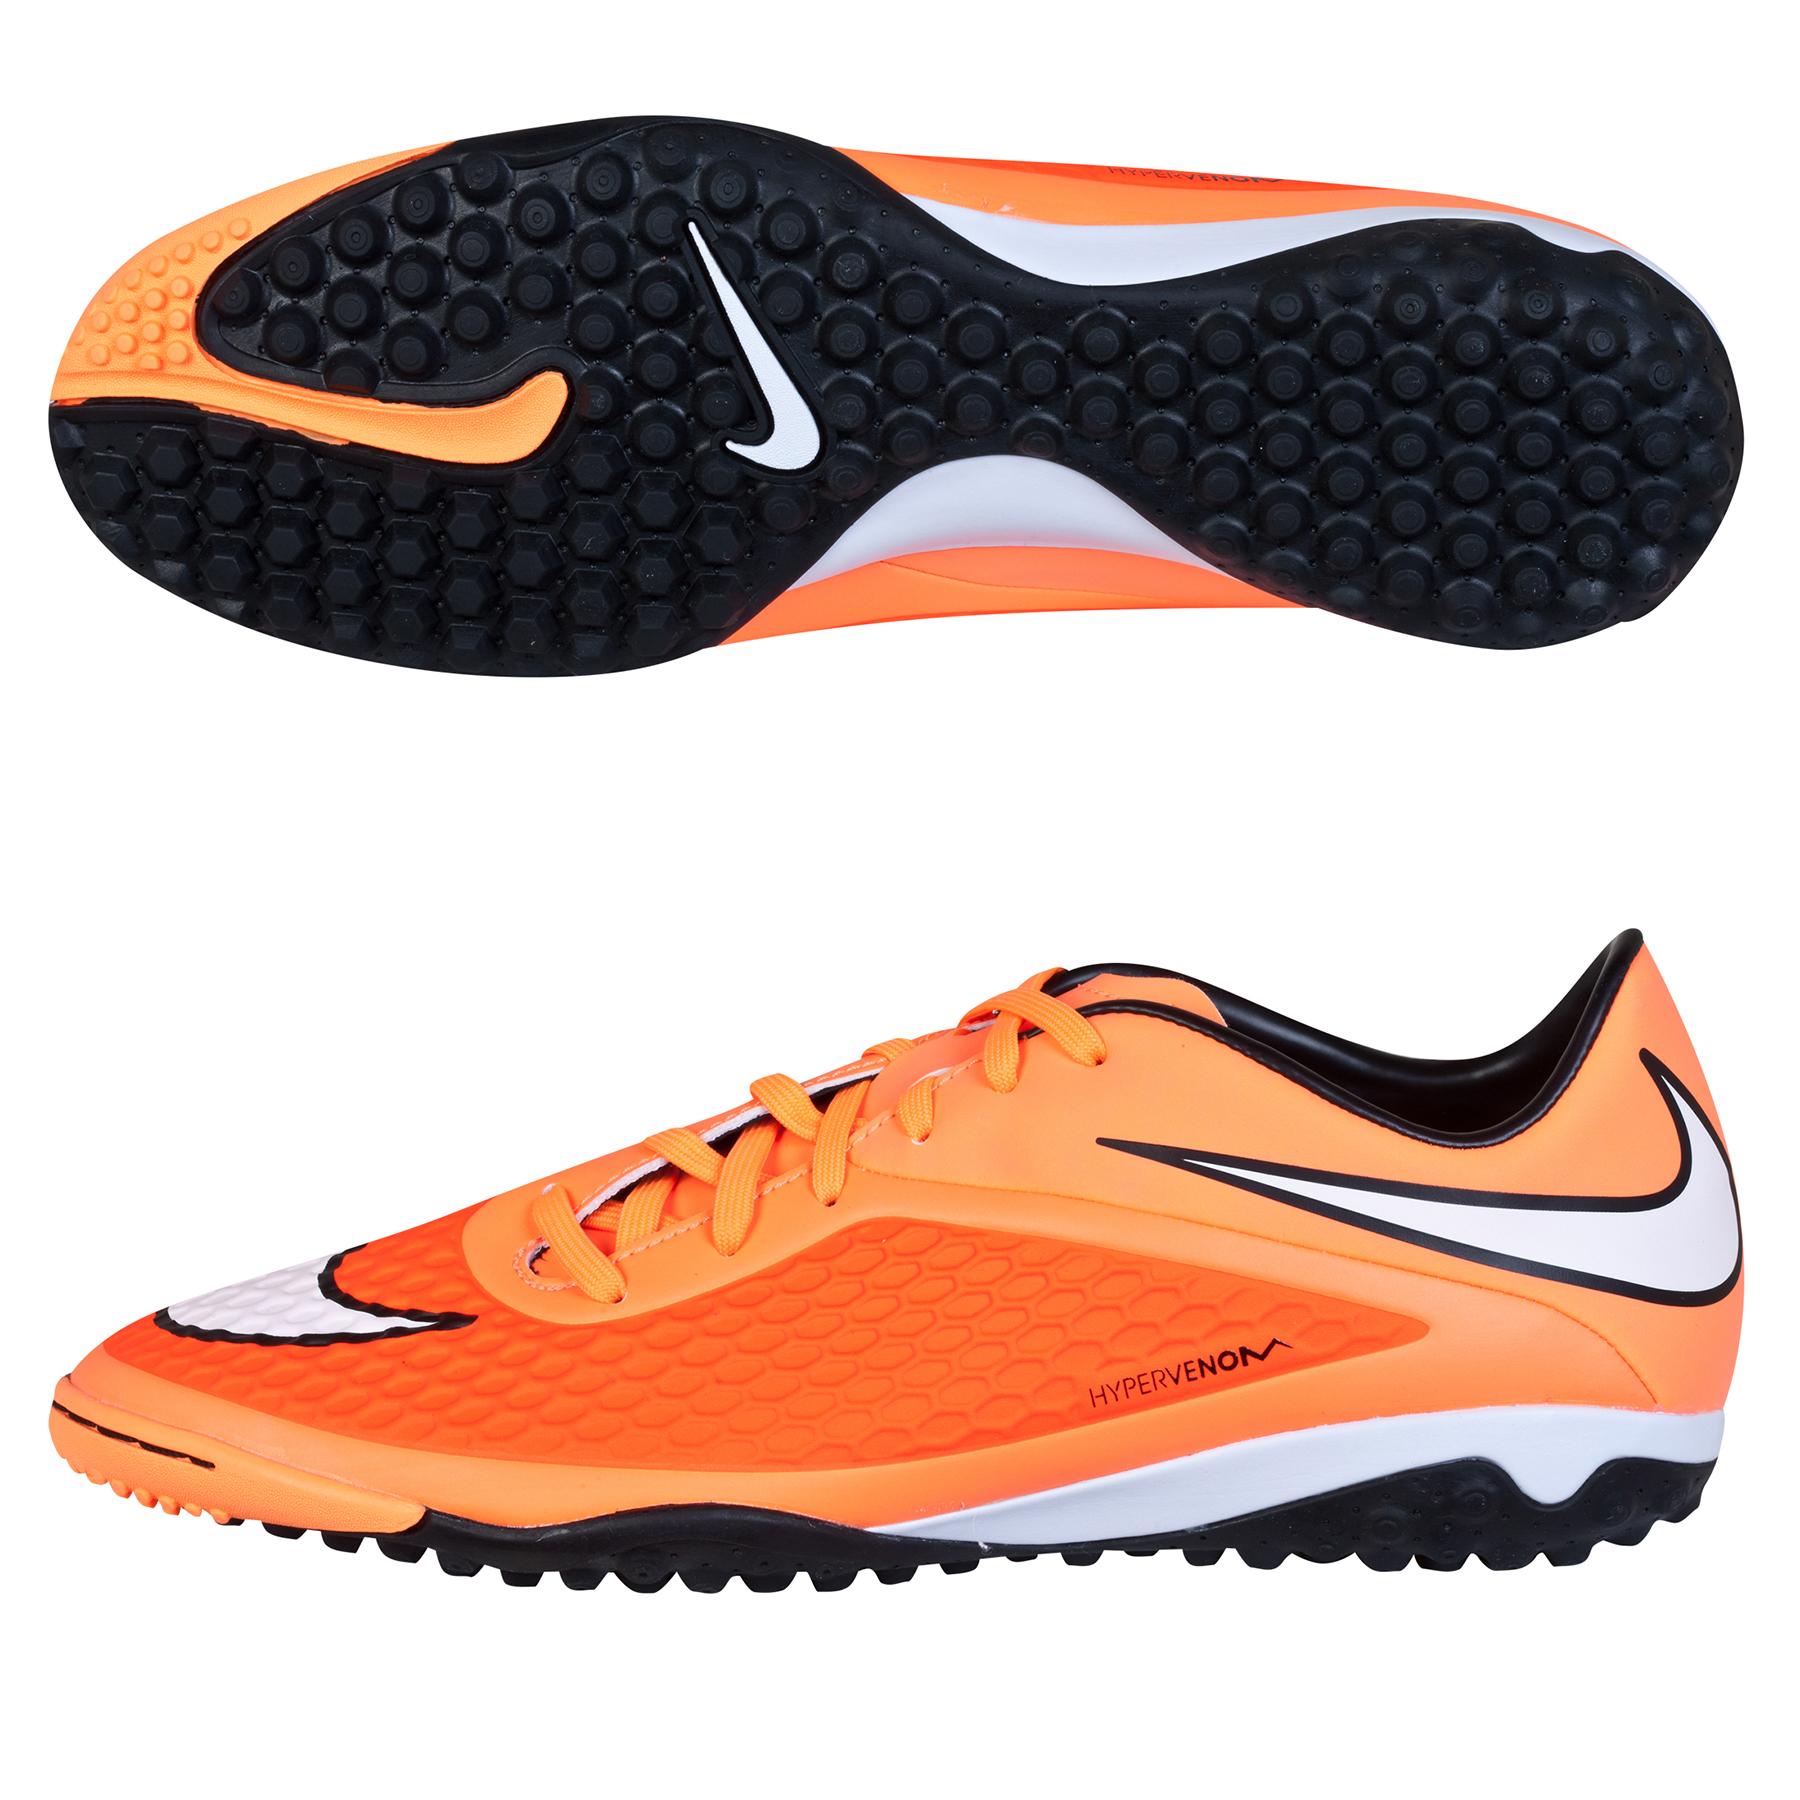 Nike Hypervenom Phelon Astroturf Trainers Orange